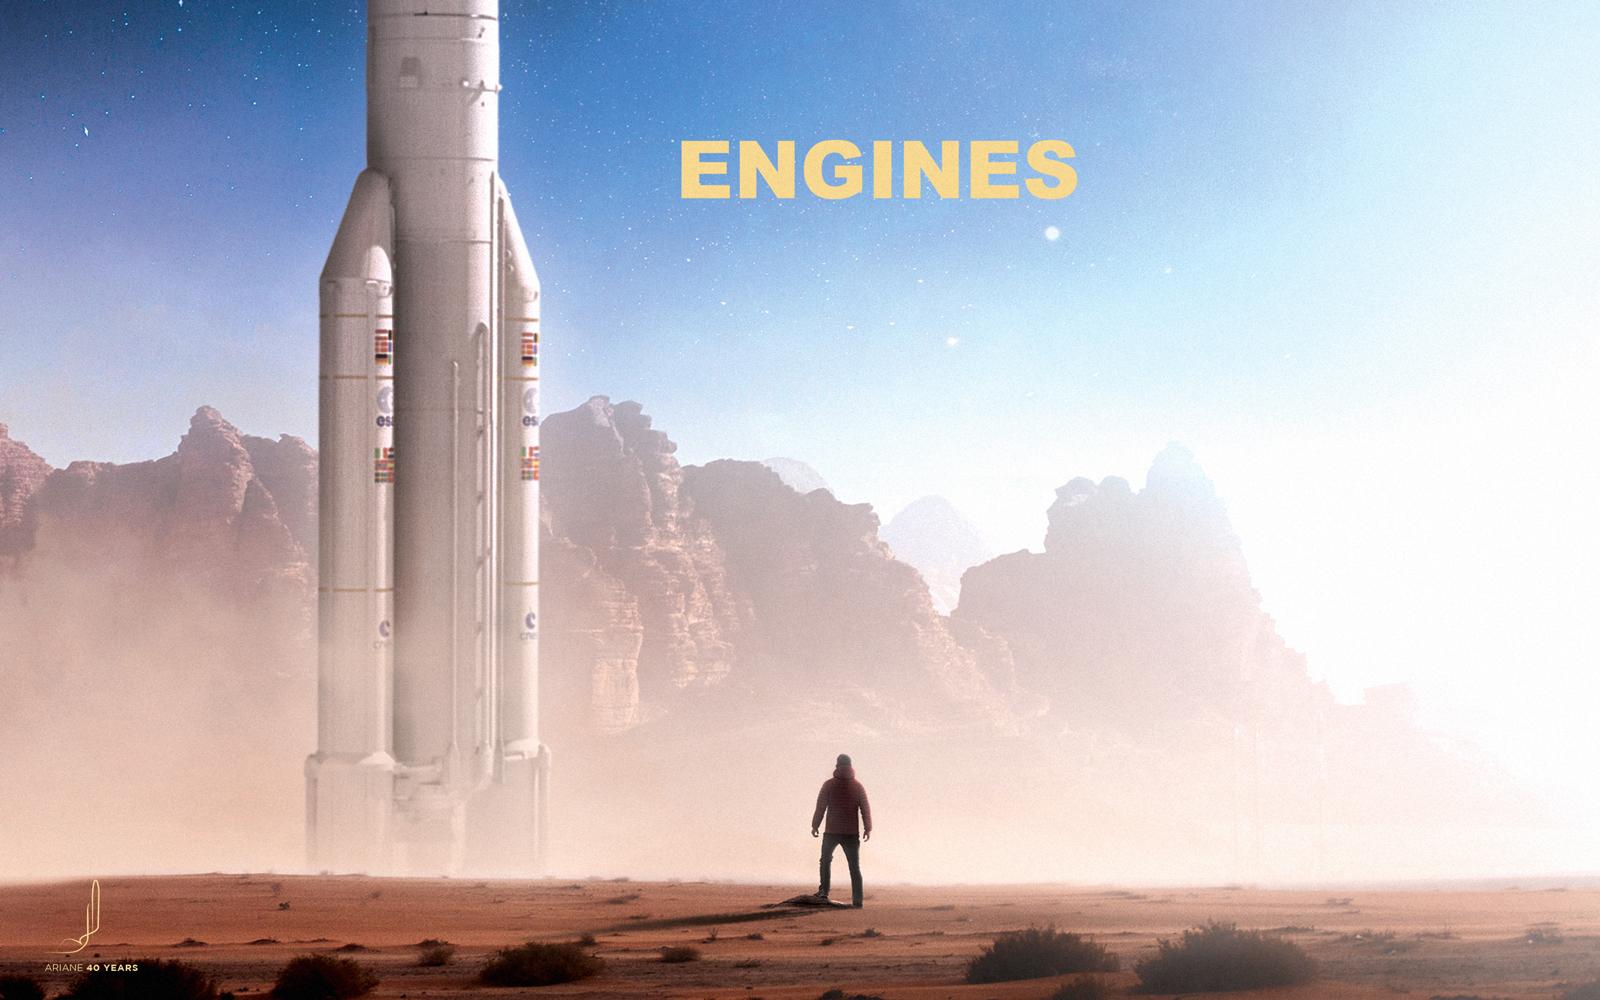 Engines - Pyramid